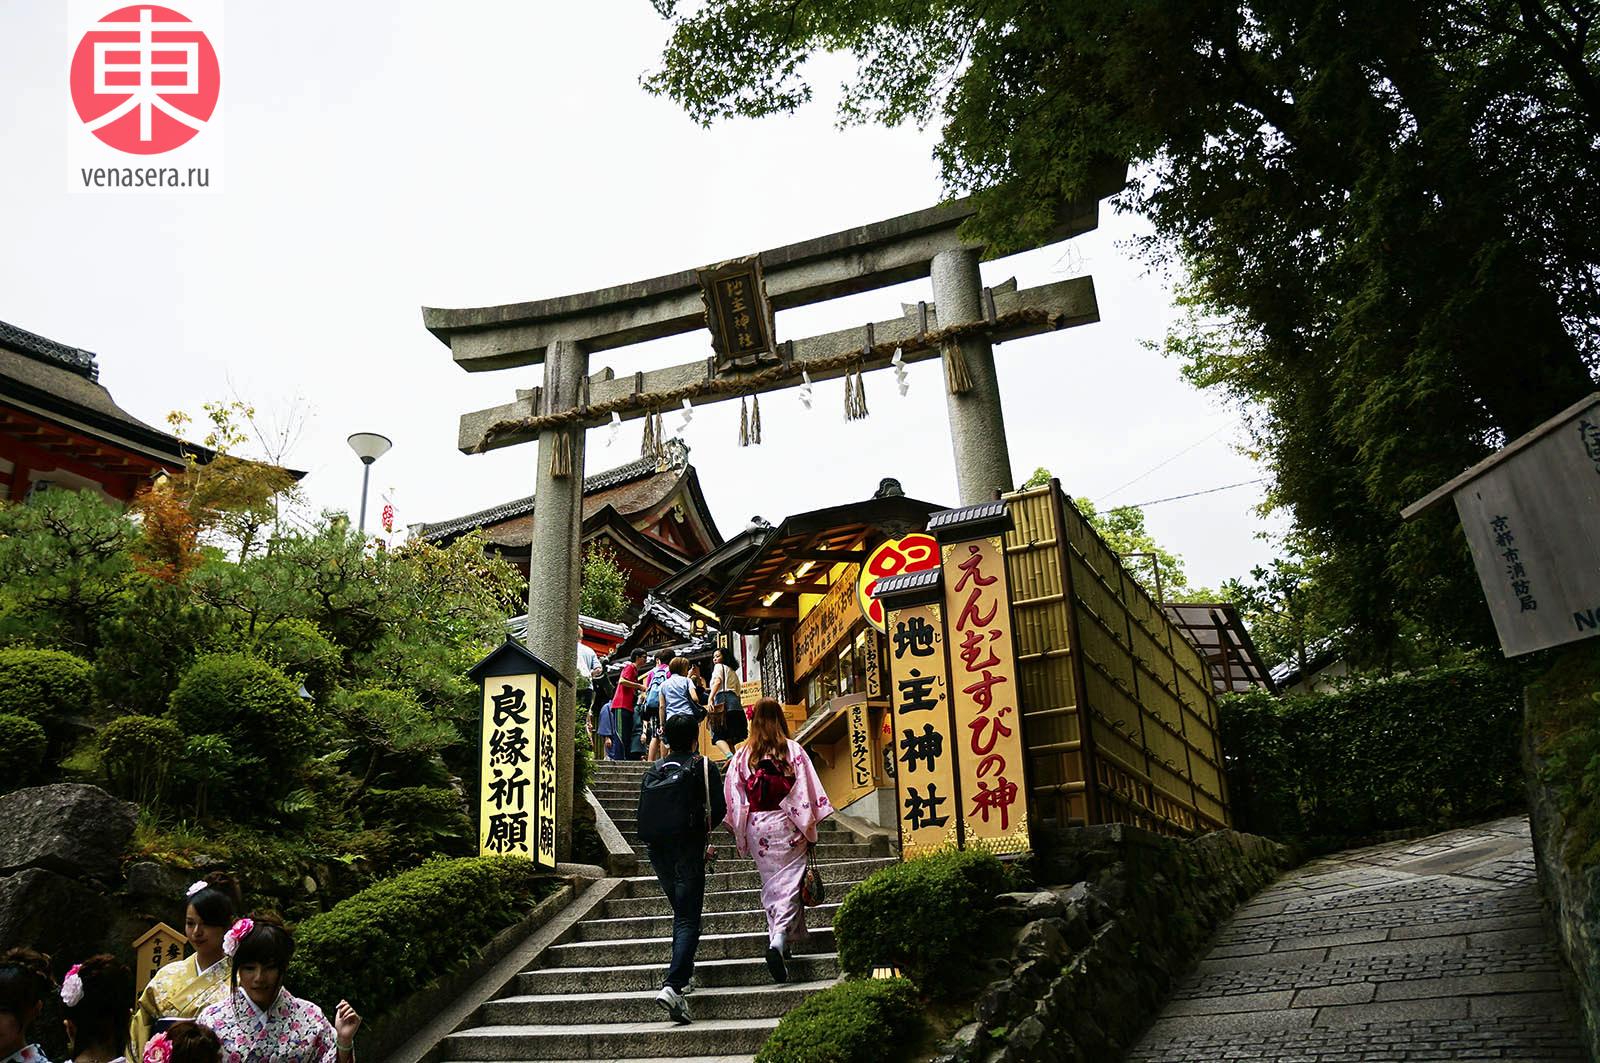 Лестница в святилище Оконинуси-но-Микото, 奥に主命, Храм Киёмидзу-дэра в Киото, 清水寺, Киото, Kyoto, 京都, Япония, Japan, 日本.